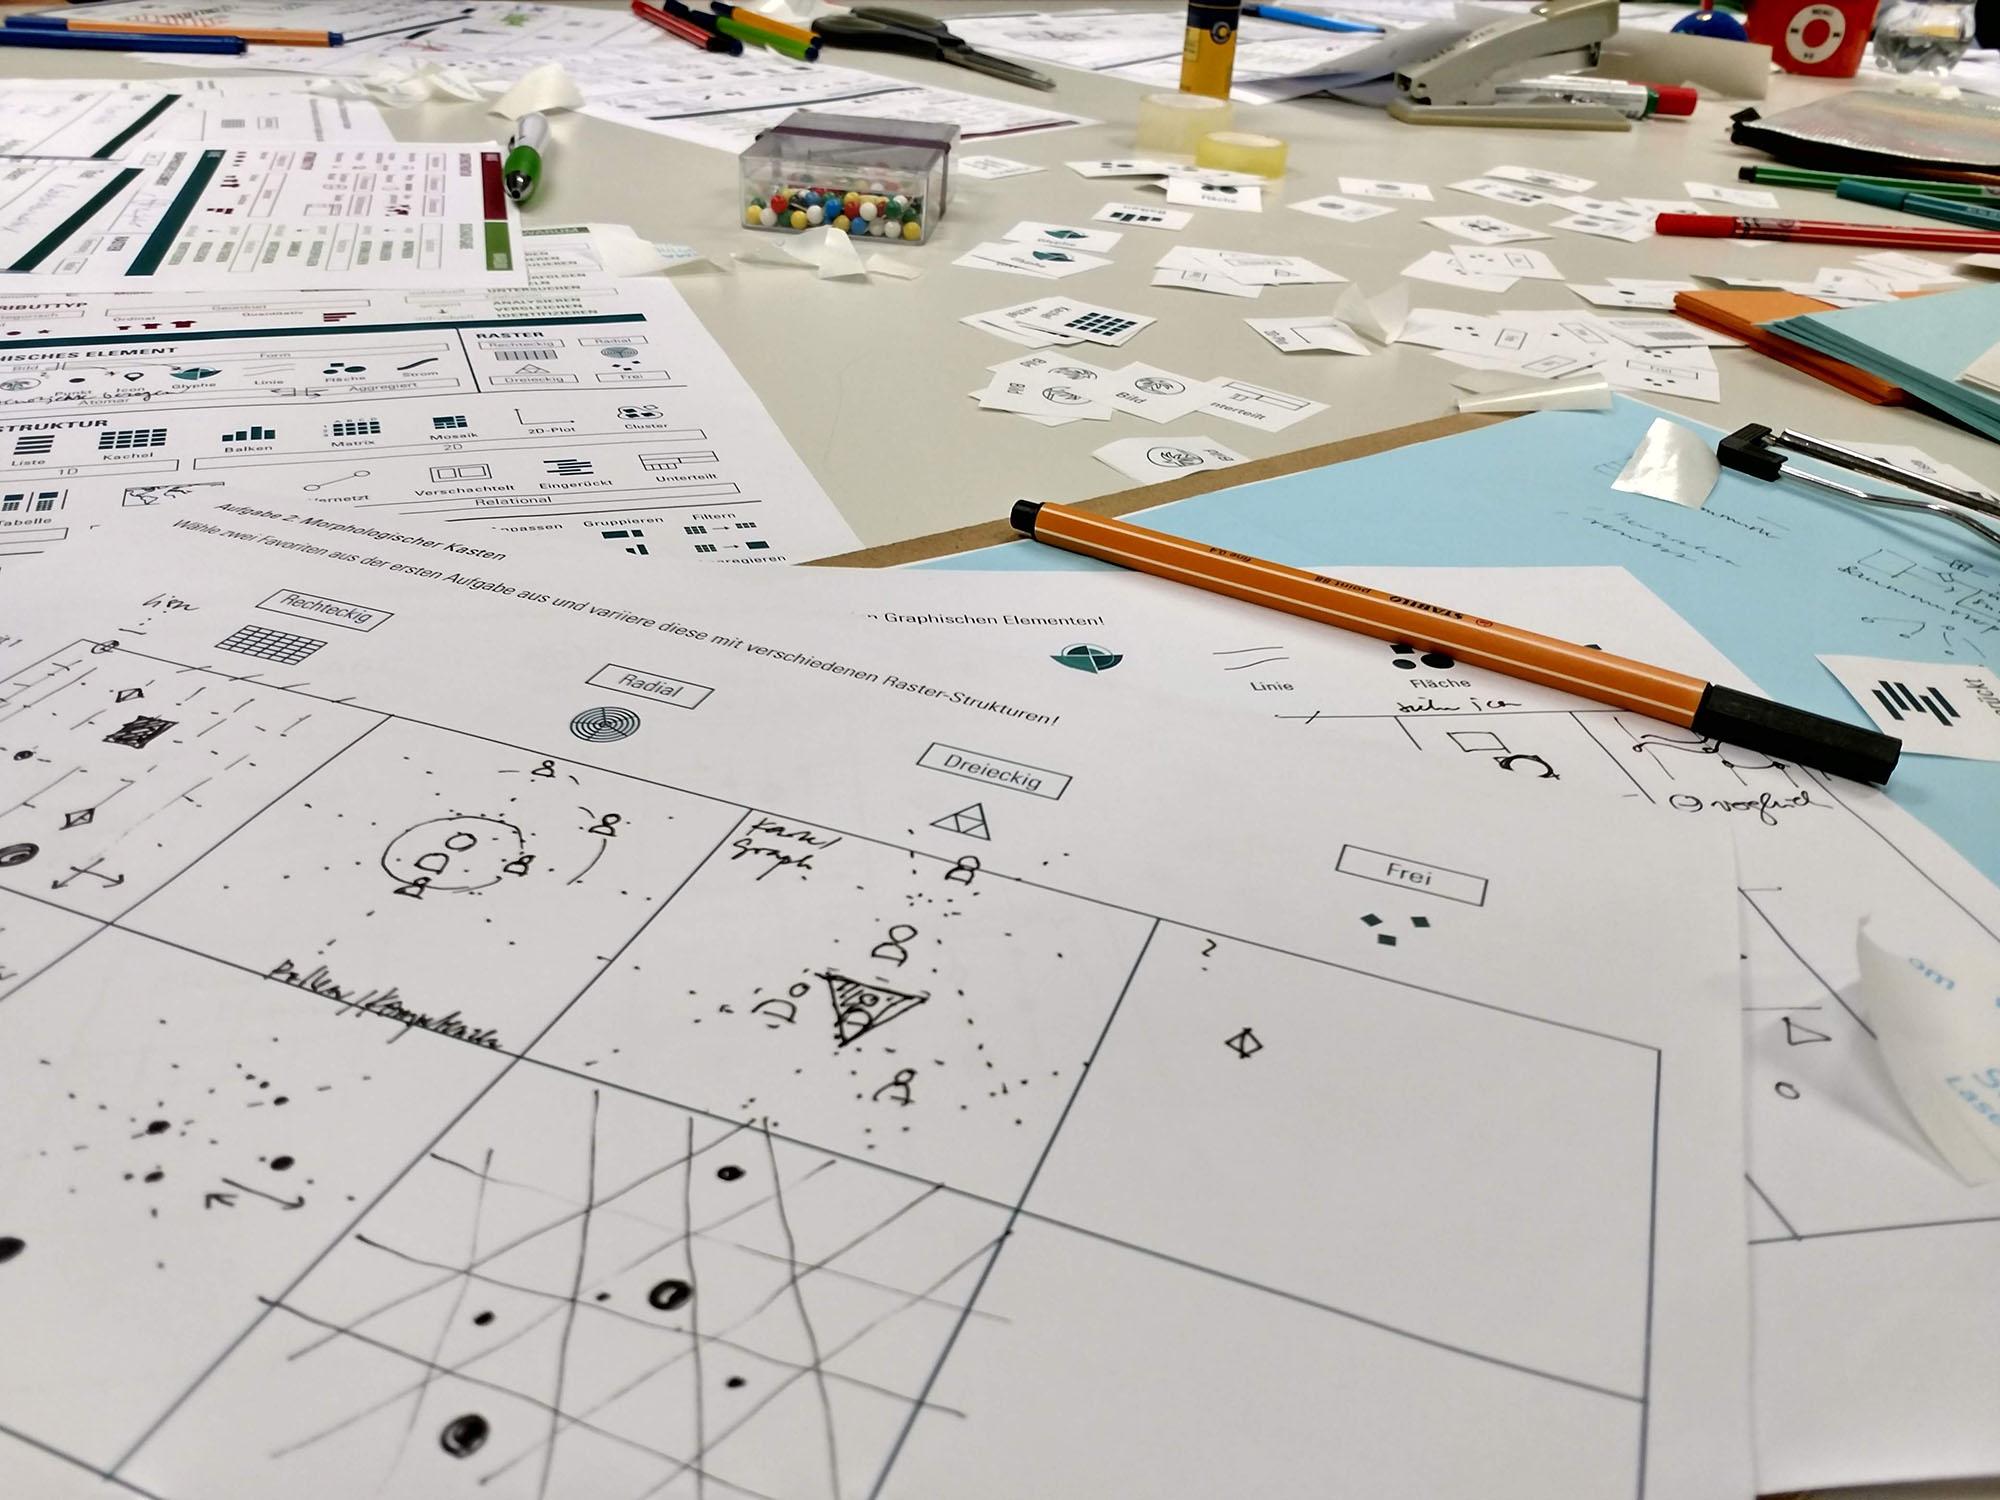 VIDEM 2020: Workshop on Visual Interface Design Methods